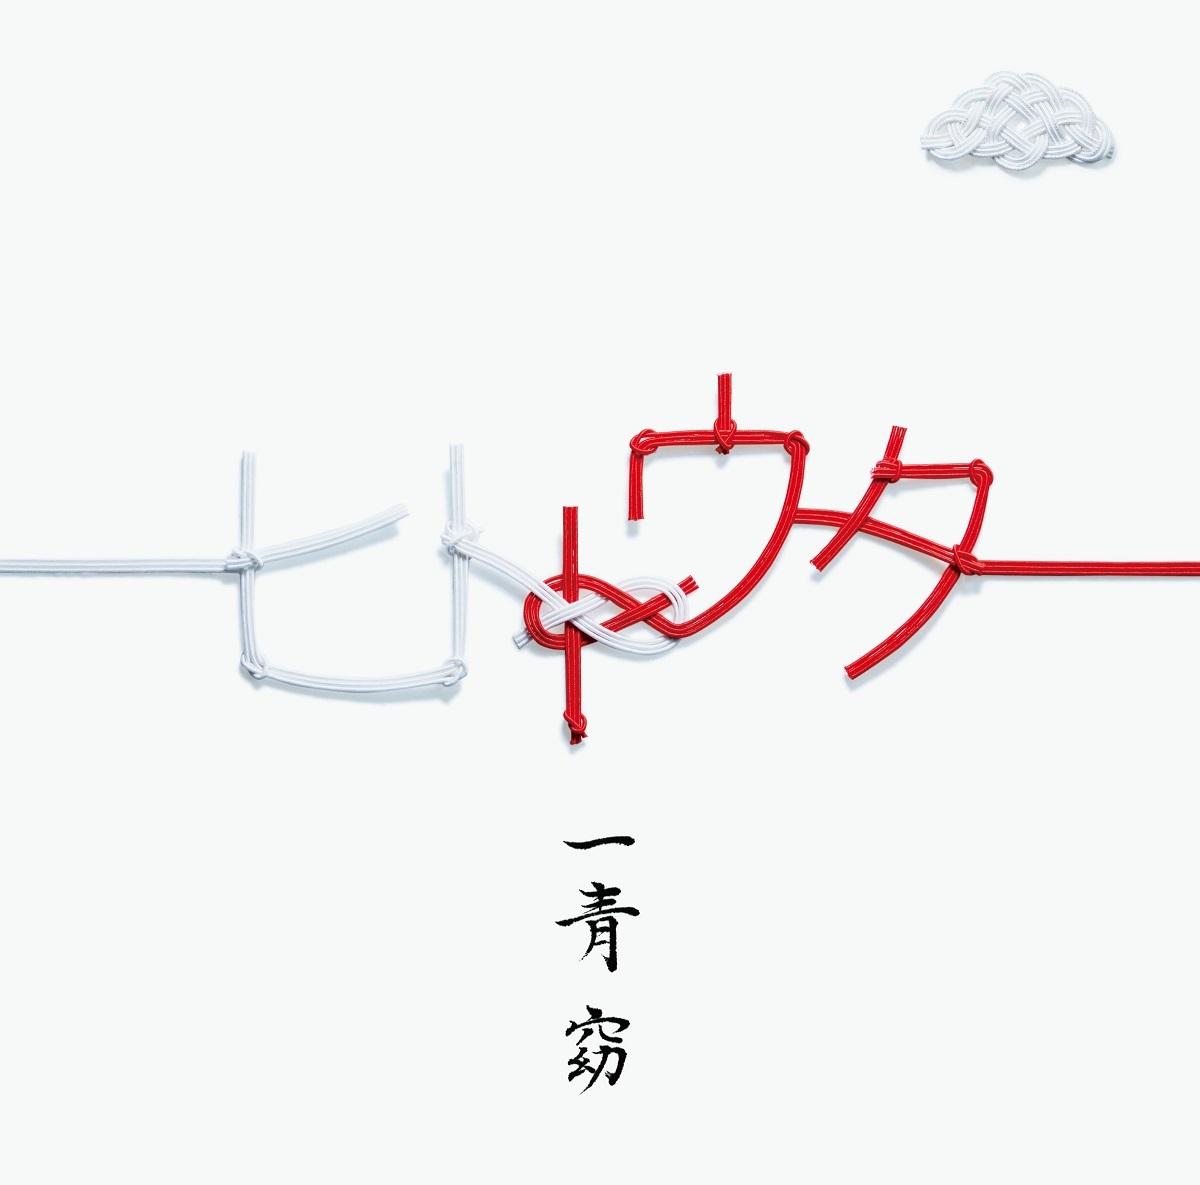 一青窈 カバーアルバム『ヒトトウタ』通常盤